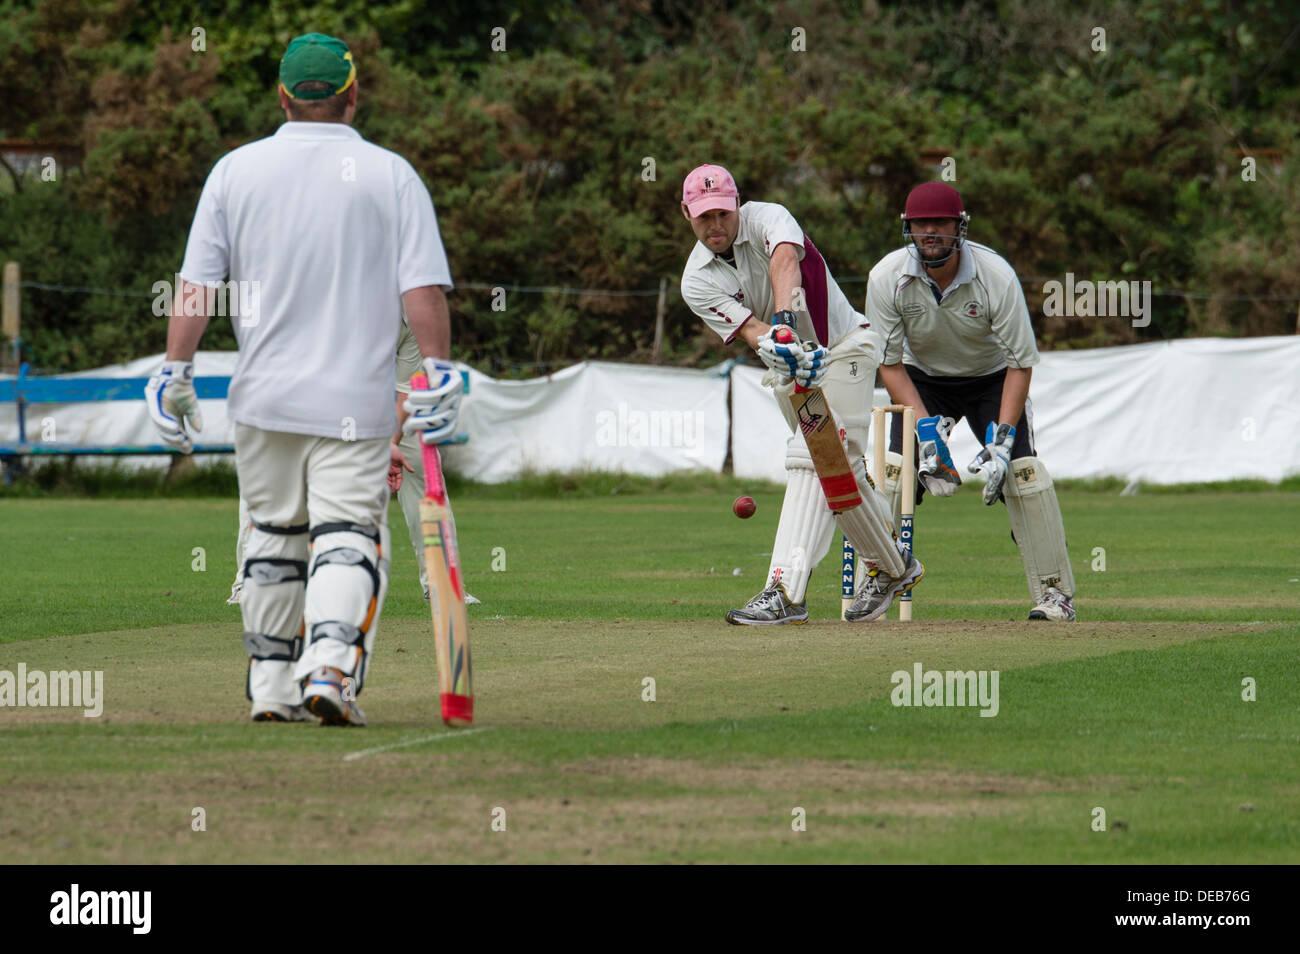 Les hommes de jouer un match de cricket village dimanche après-midi, Pays de Galles, Royaume-Uni Photo Stock